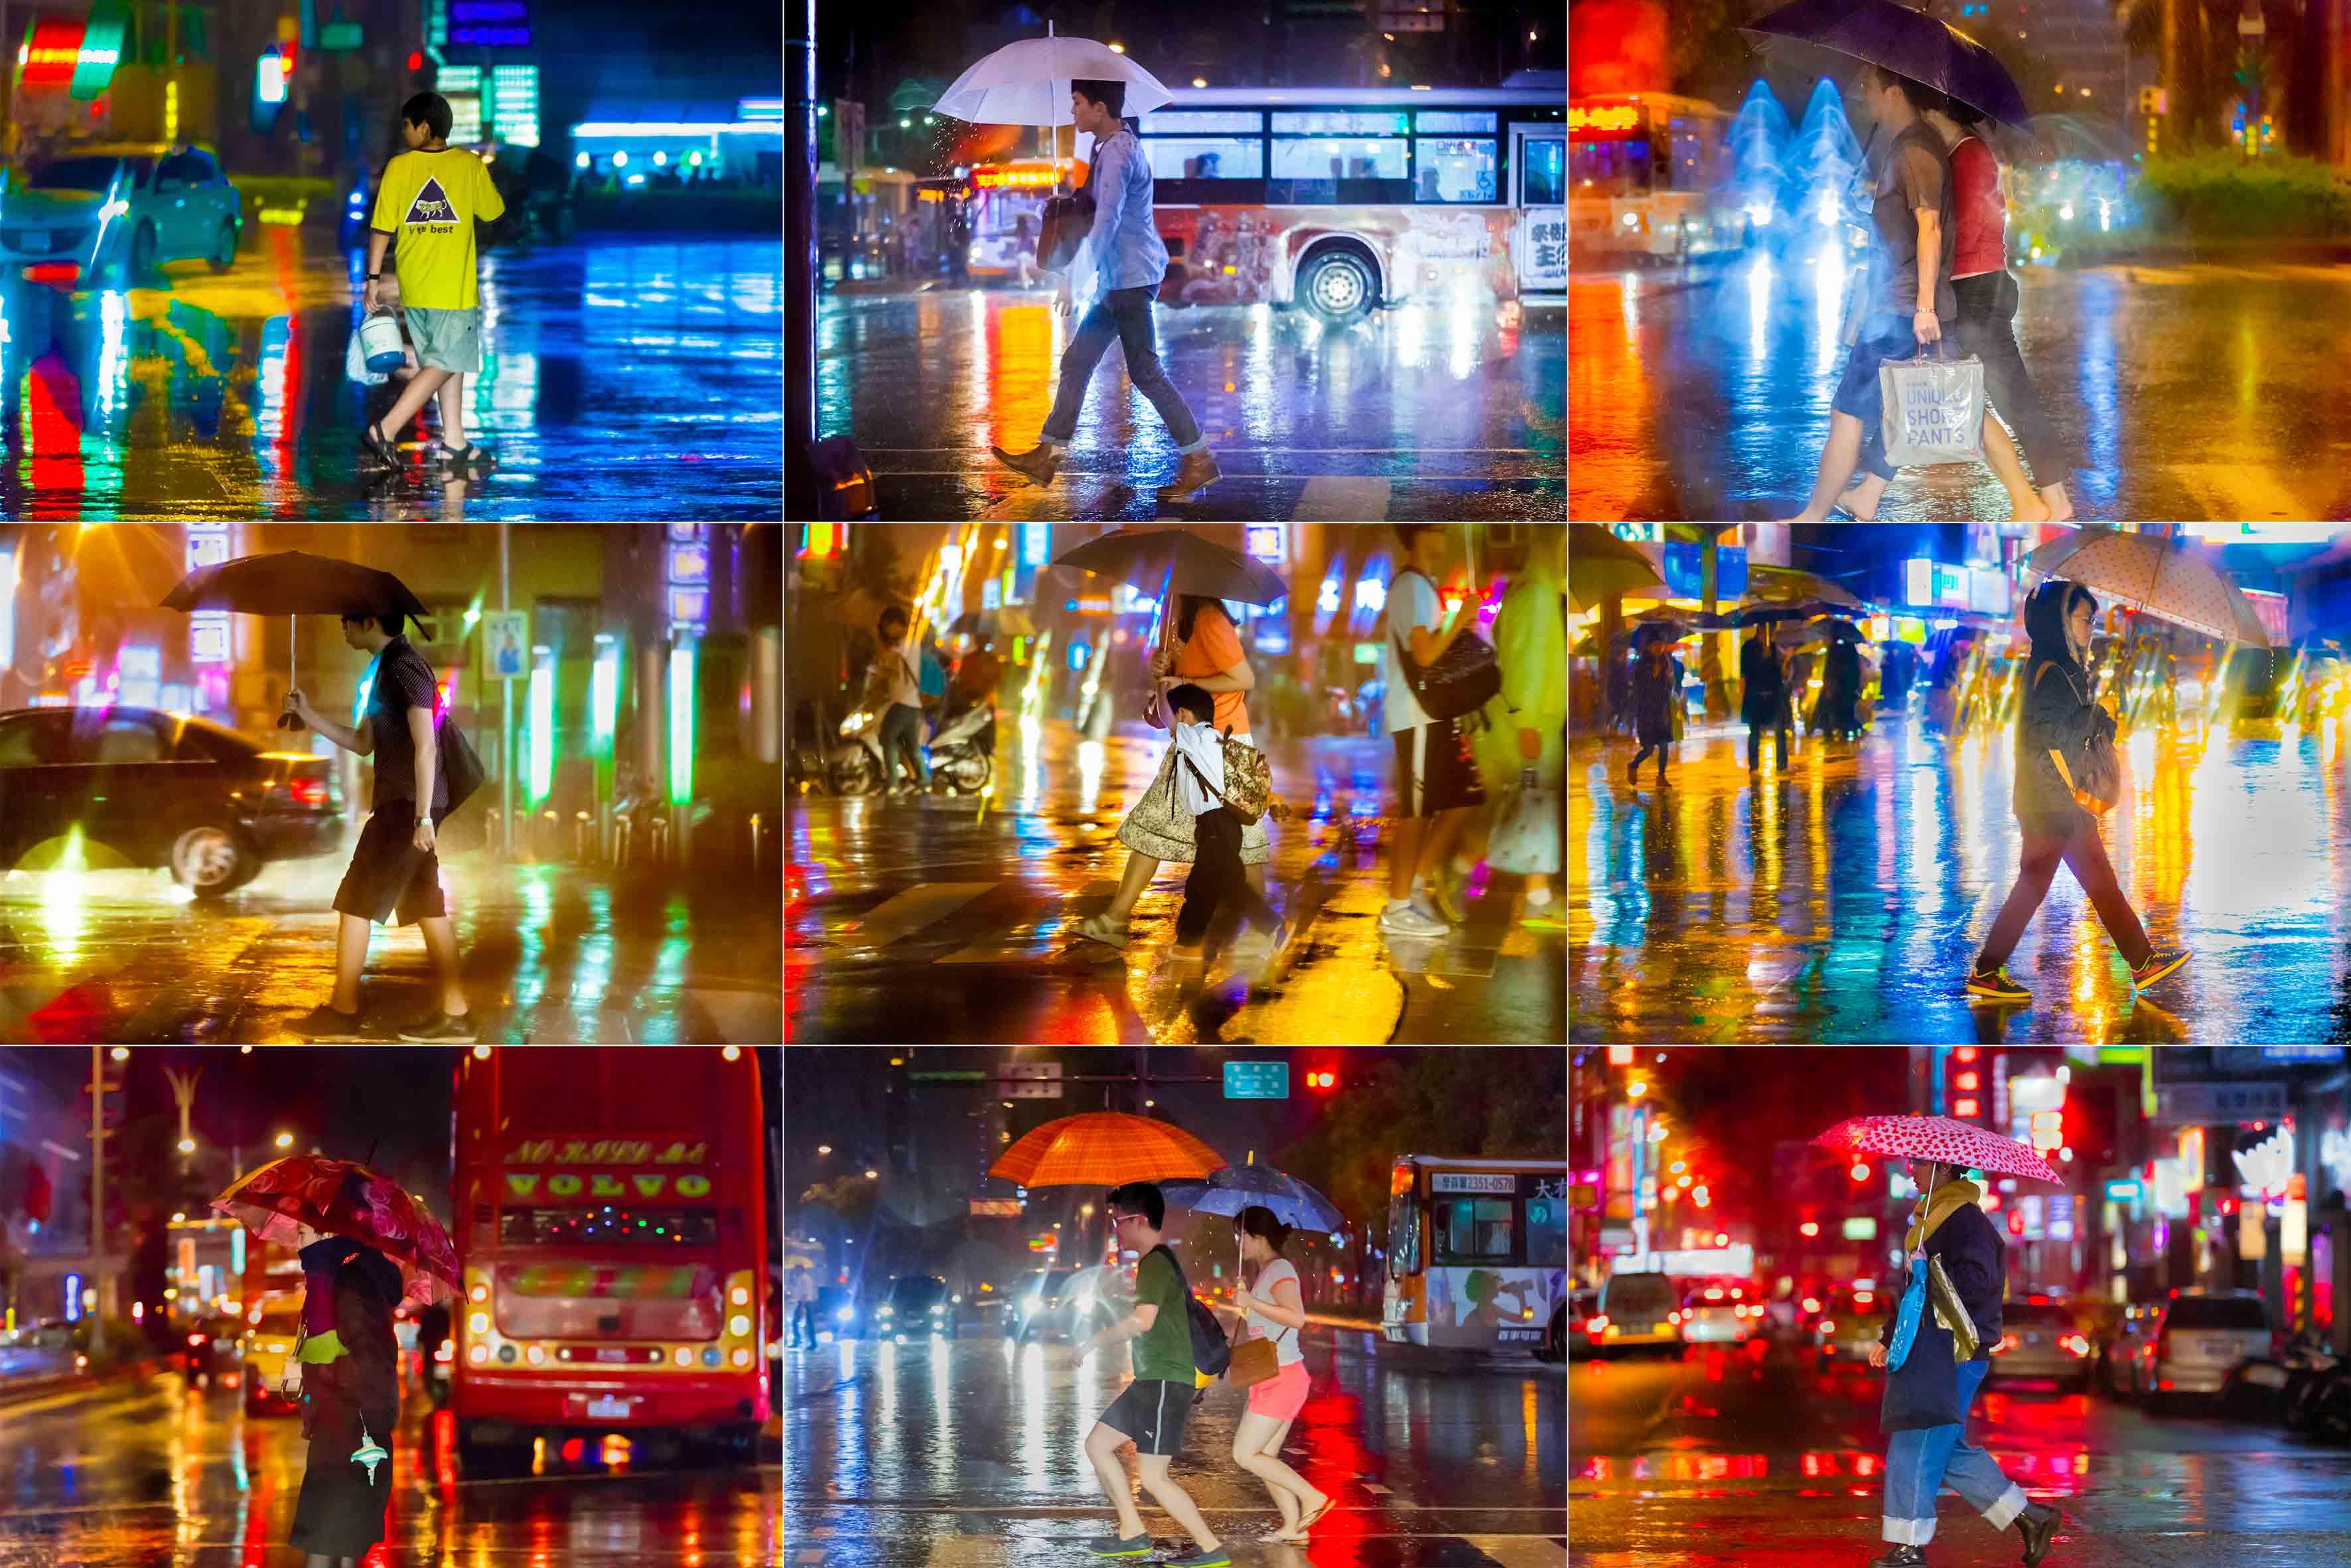 rain-at-night-i%ef%bc%8301